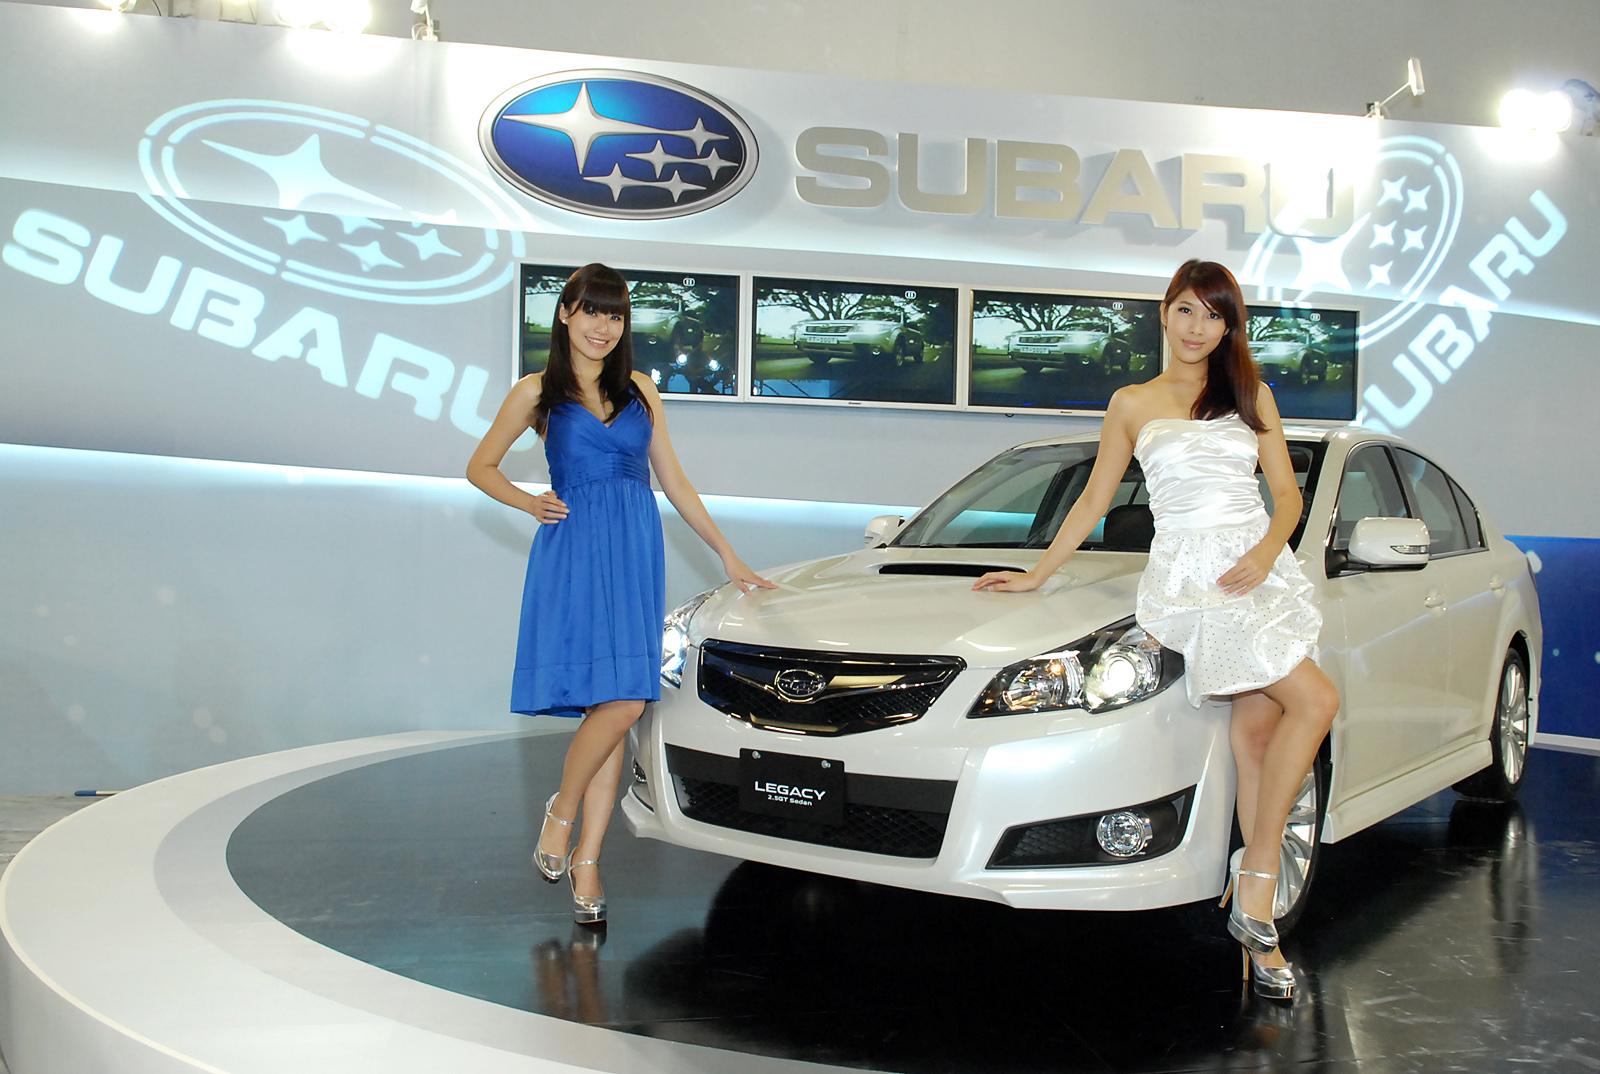 「豪門氣度 極致動能」 Subaru台北車展秀出品牌新陣容   車展期間Subaru推出優惠方案與跨年好禮 總代理預告明年在台擴點